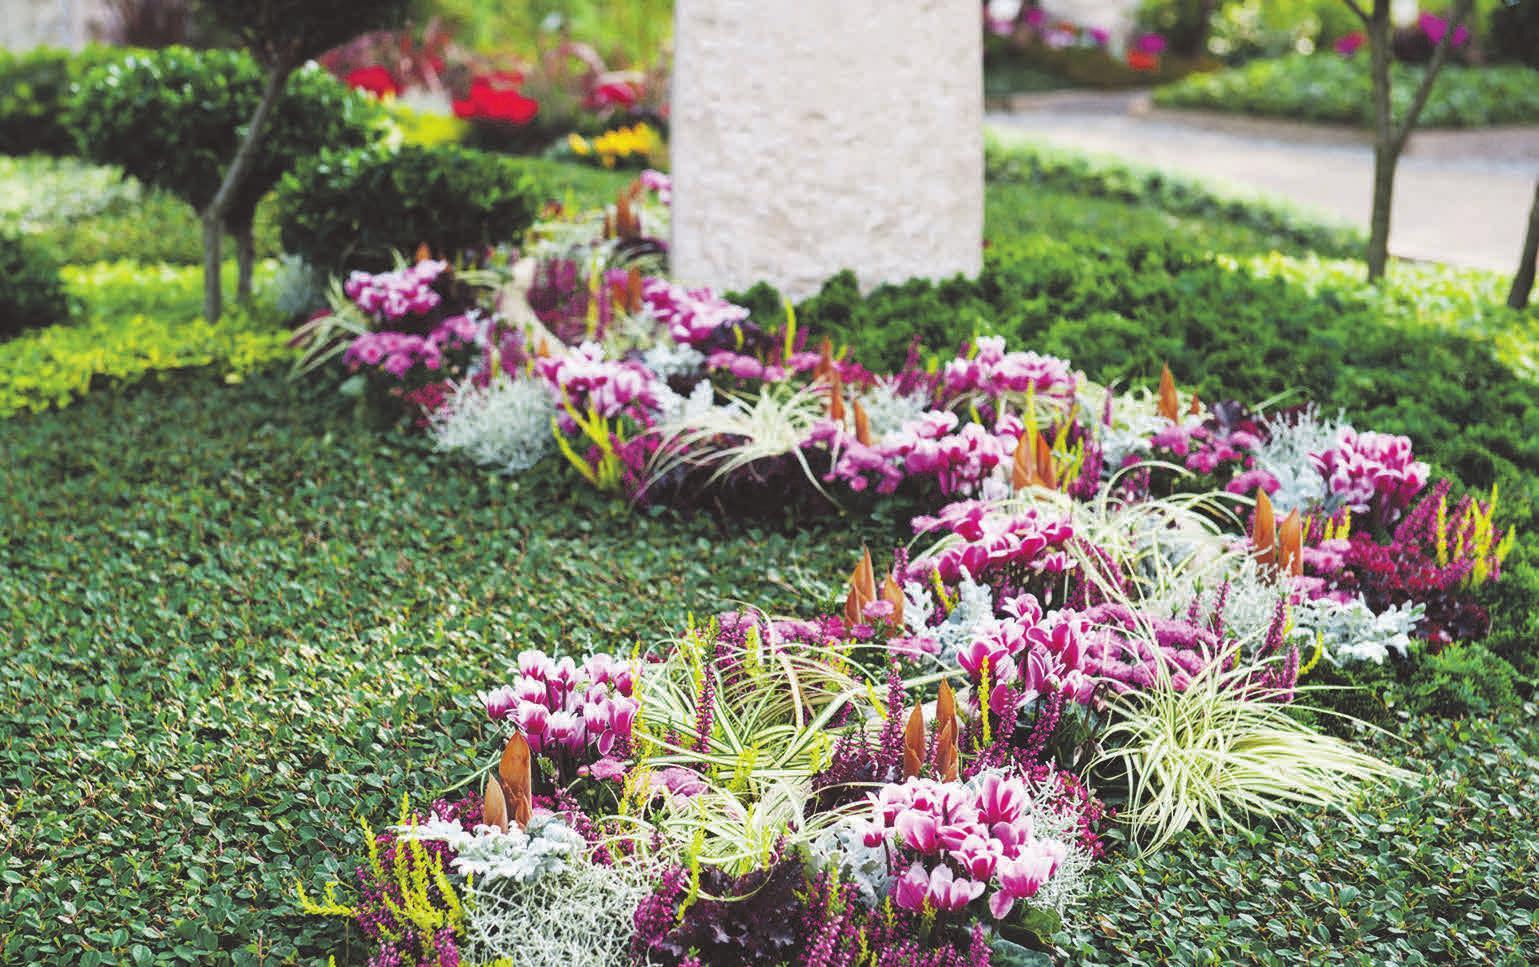 Das Alpenveilchen sorgt mit Farbvariationen von weiß bis pink für farbenfrohe Akzente auf dem Friedhof. Foto: djd/Gesellschaft deutscher Friedhofsgärtner/Margit Wild